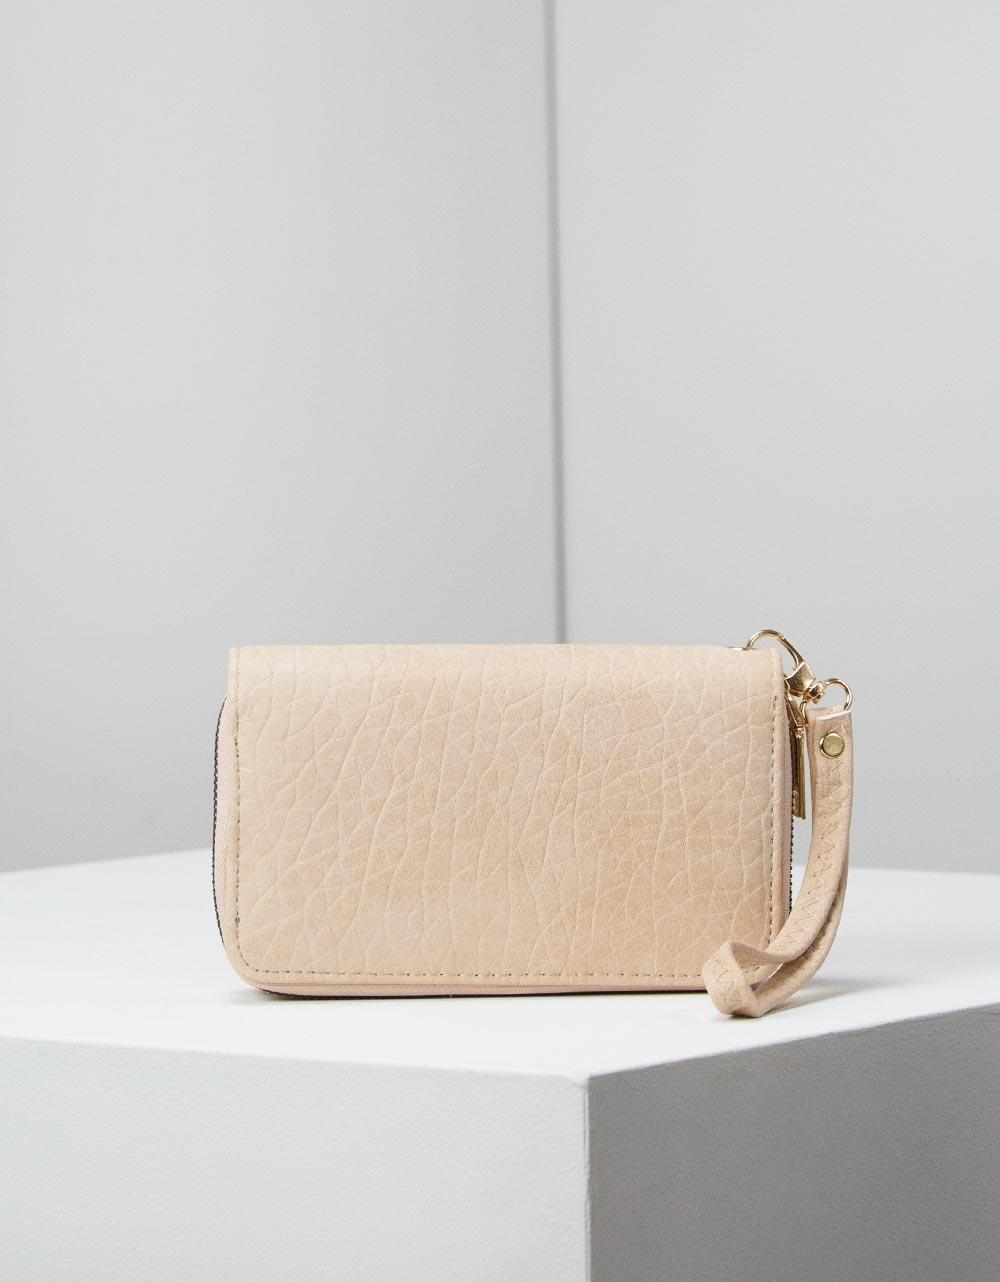 Εικόνα από Γυναικεία πορτοφόλια με κροκό σχέδιο Χρυσό